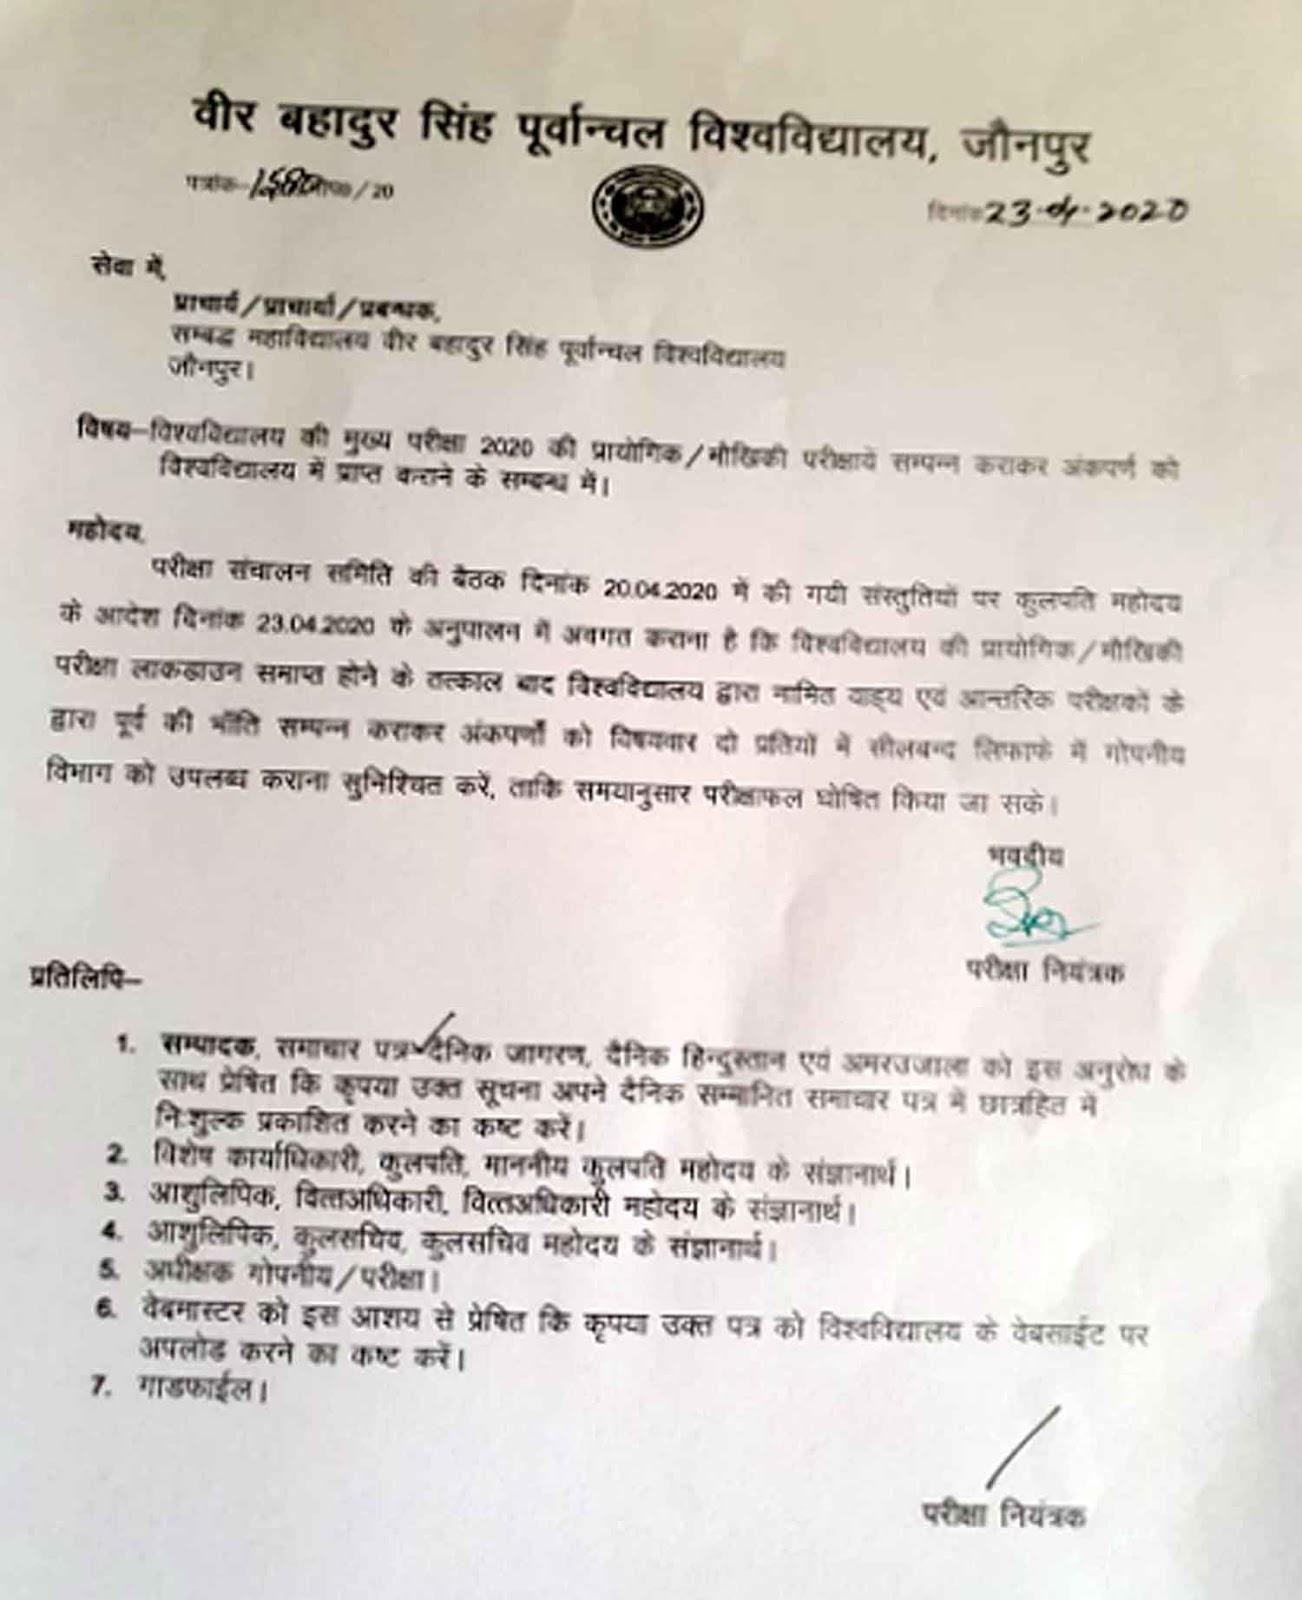 जौनपुर। वीर बहादुर सिंह पूर्वांचल विश्वविद्यालय के परीक्षा नियंत्रक बीएन सिंह ने महाविद्यालयों को कुलपति प्रोफेसर डॉ. राजाराम यादव के निर्देश के क्रम में लॉकडाउन के बाद शीघ्र प्रायोगिक परीक्षा कराने के लिए पत्र भेजा है।   परीक्षा संचालन समिति की बैठक में लिए गए निर्णय के क्रम में कुलपति ने लॉकडाउन समाप्त होने के तत्काल बाद प्रायोगिक अथवा मौखिकी परीक्षा विश्वविद्यालय द्वारा नामित वाह्य एवं आन्तरिक परीक्षकों के द्वारा पूर्व की भाँति सम्पन्न कराने के लिए कहा है। परीक्षा के बाद अंकपर्णों को विषयवार दो प्रतियों में सीलबन्द लिफाफे में गोपनीय विभाग को तुरन्त उपलब्ध कराना होगा।